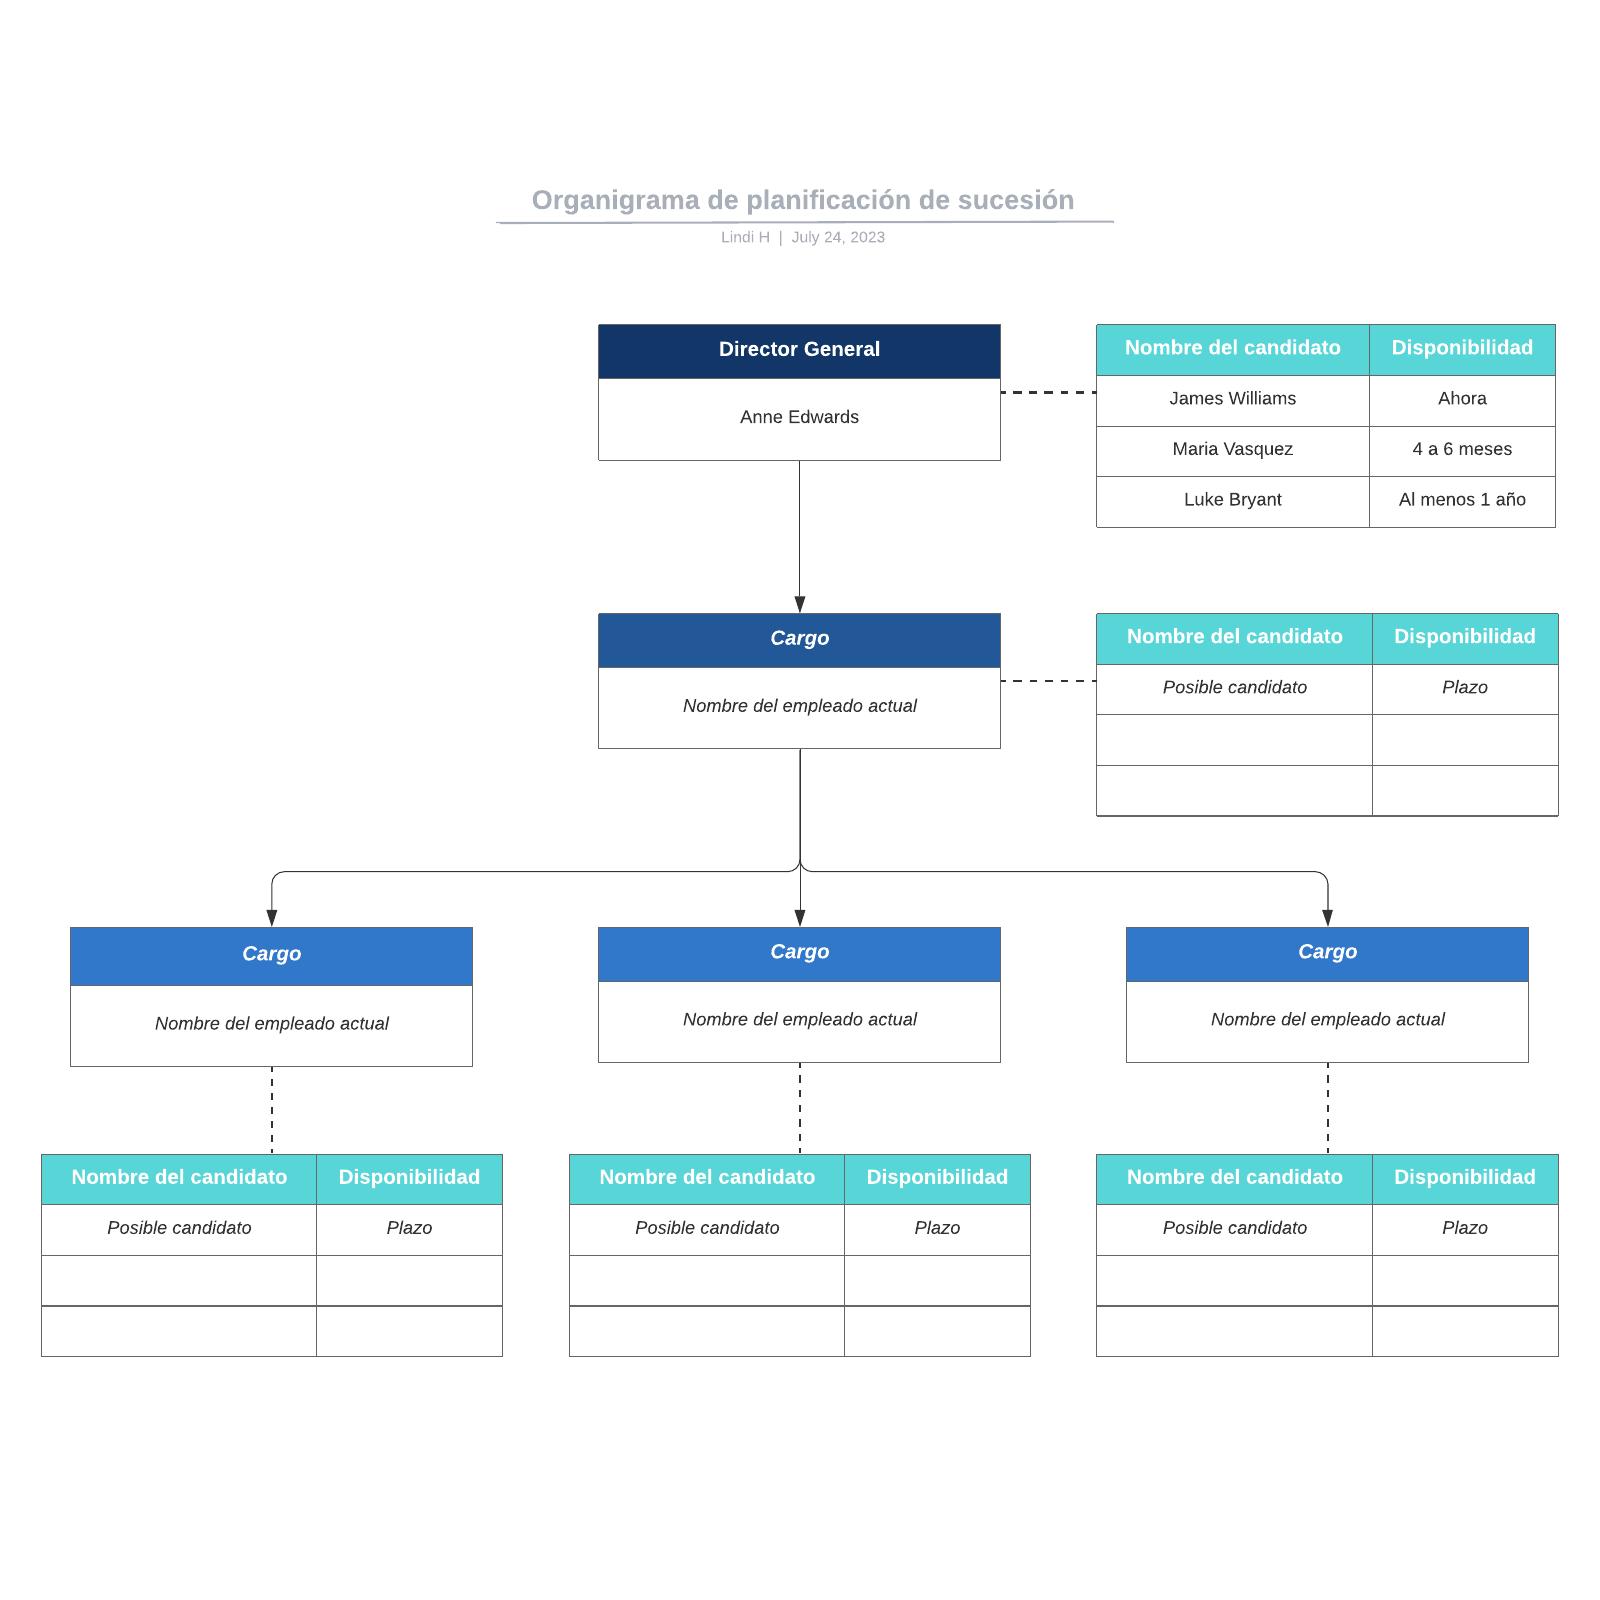 Organigrama de planificación de sucesión